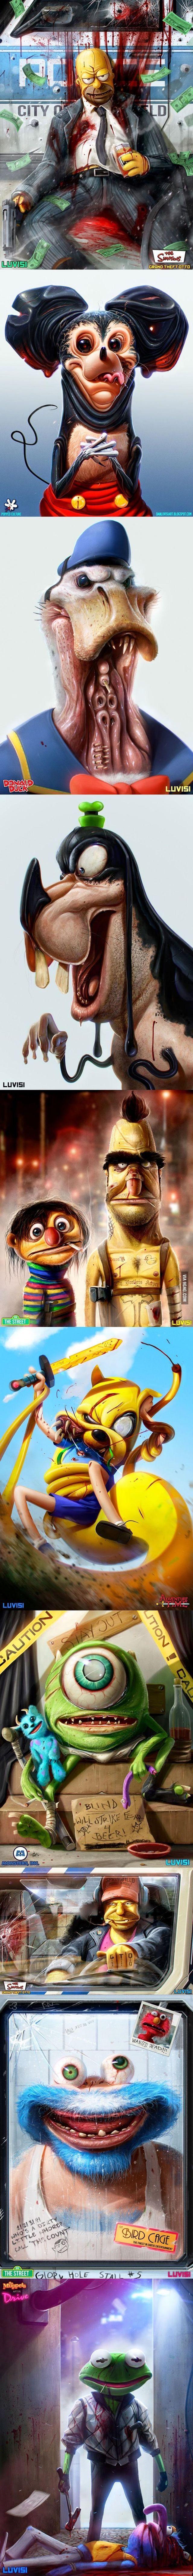 Böse Seiten von Disney